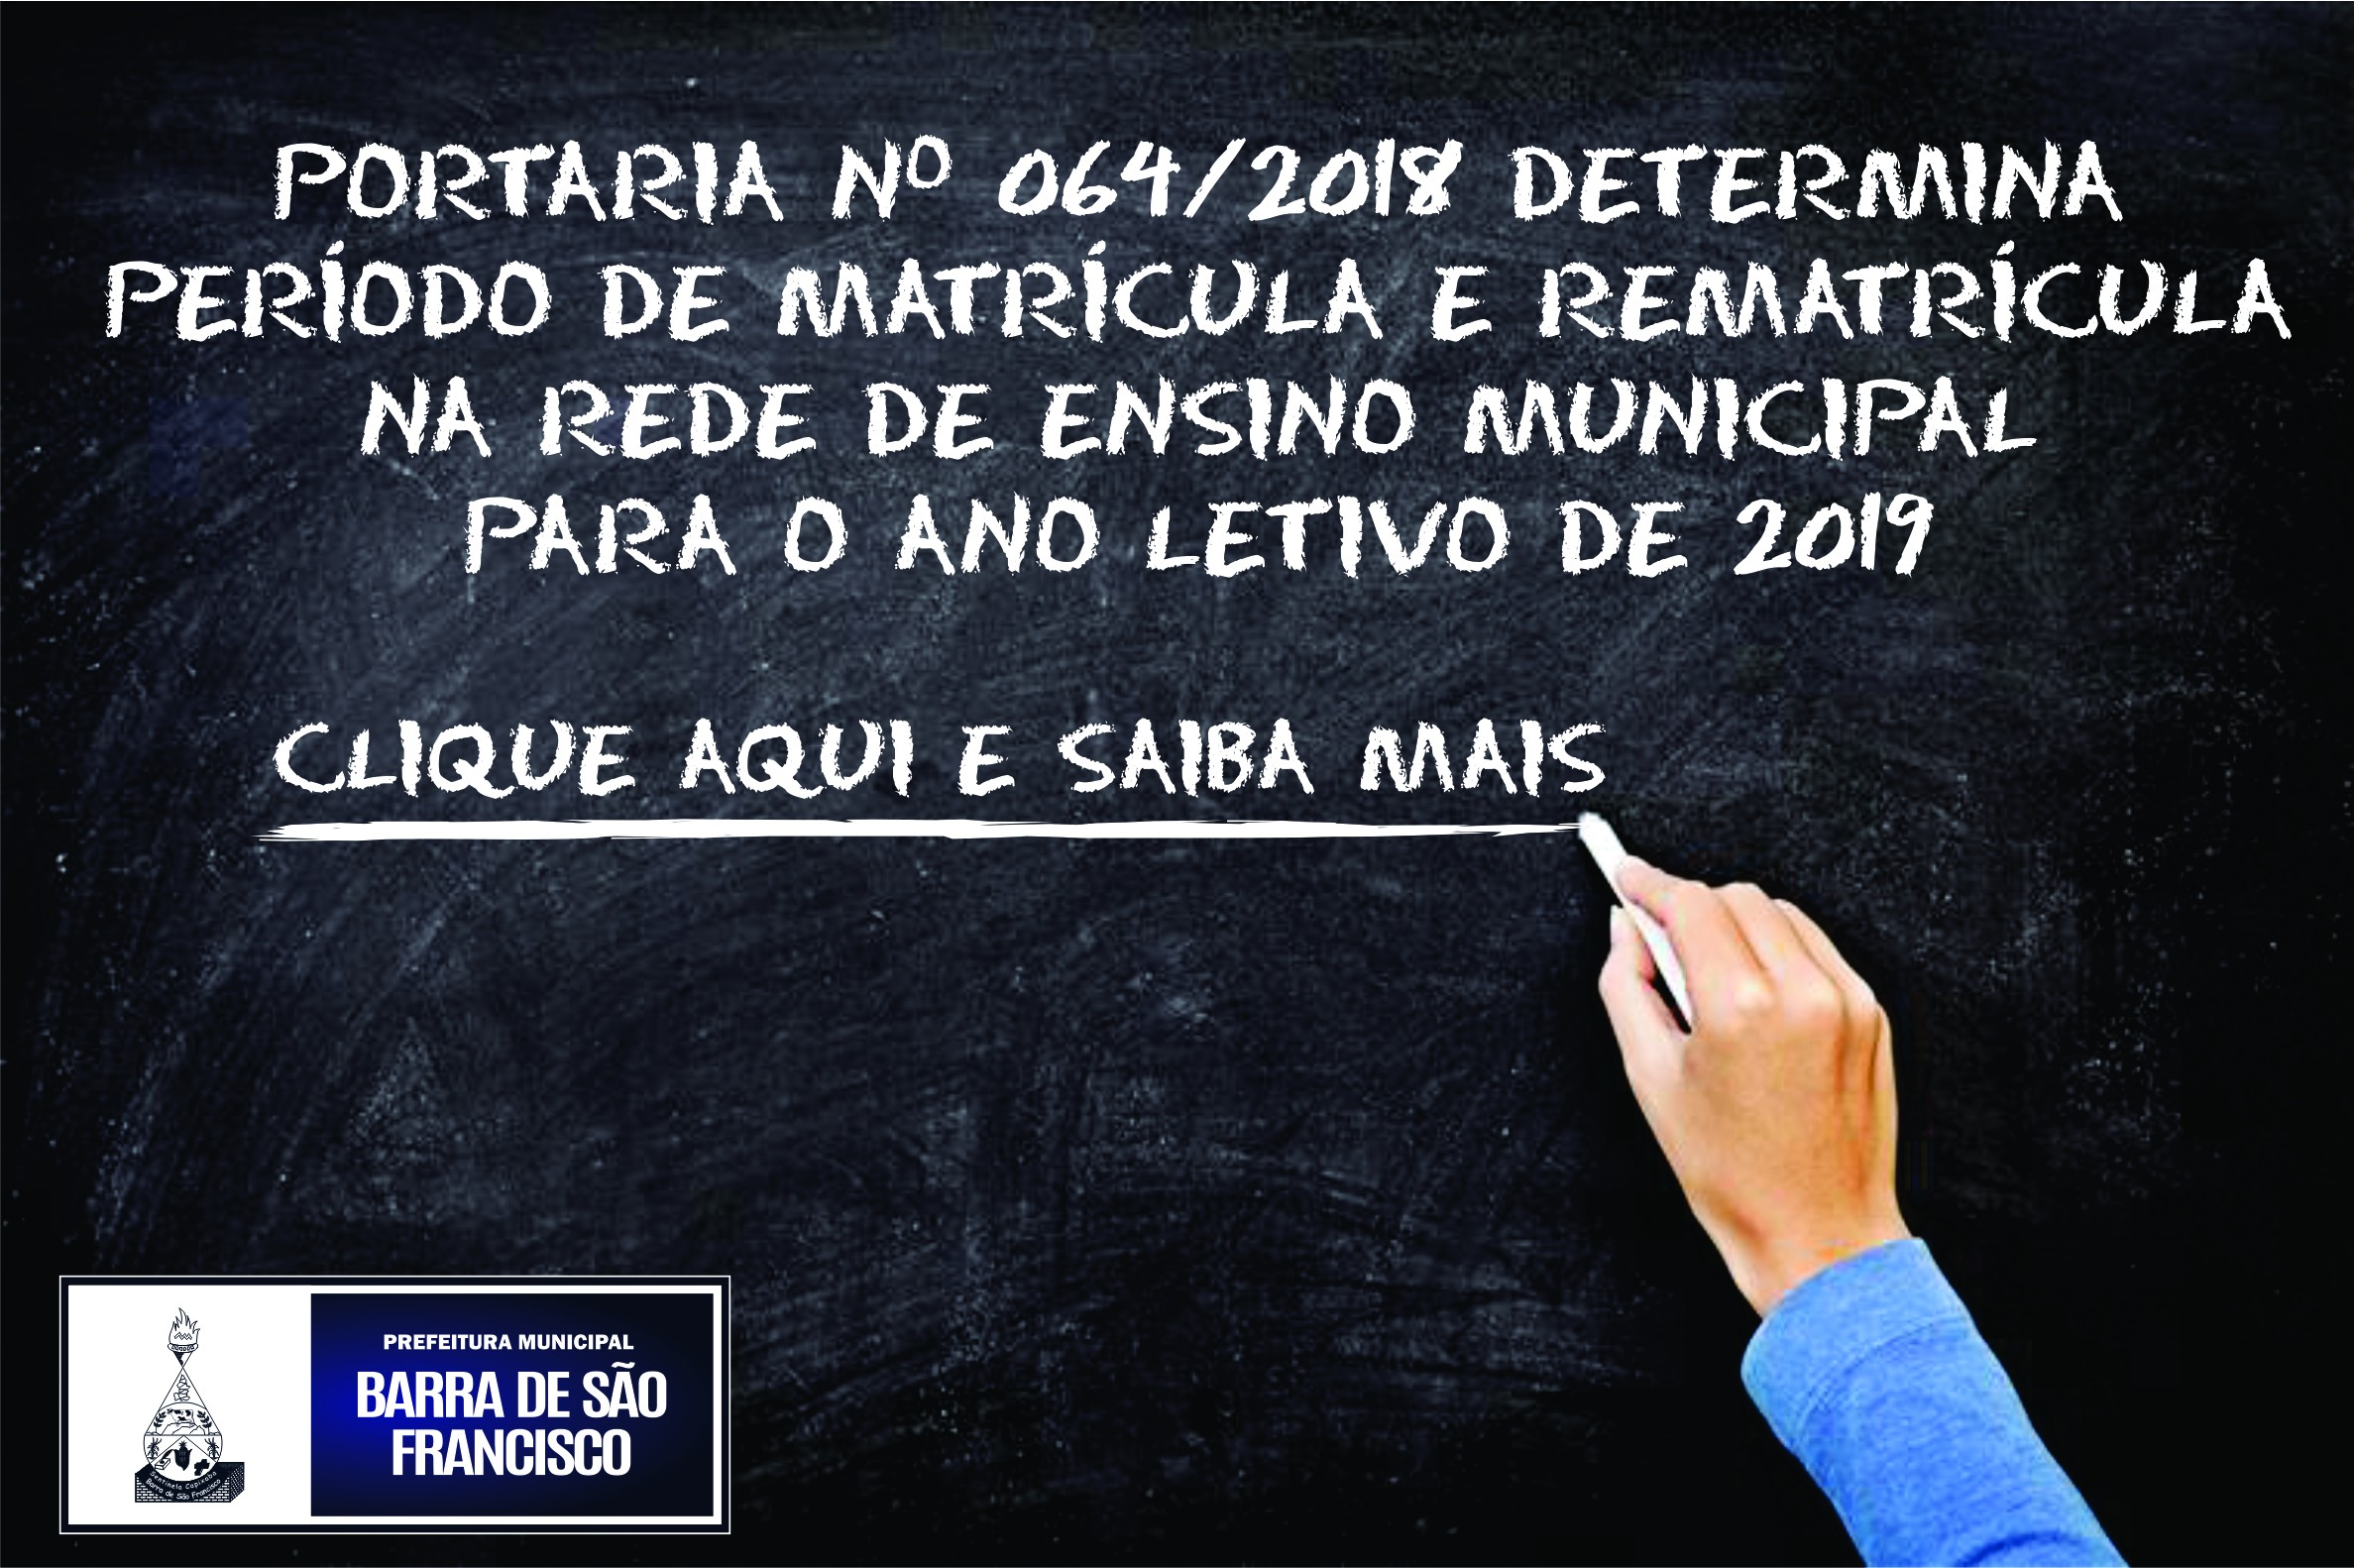 DIVULGADA A PORTARIA DE MATRCULA E REMATRCULA PARA O ANO LETIVO DE 2019 EM BARRA DE